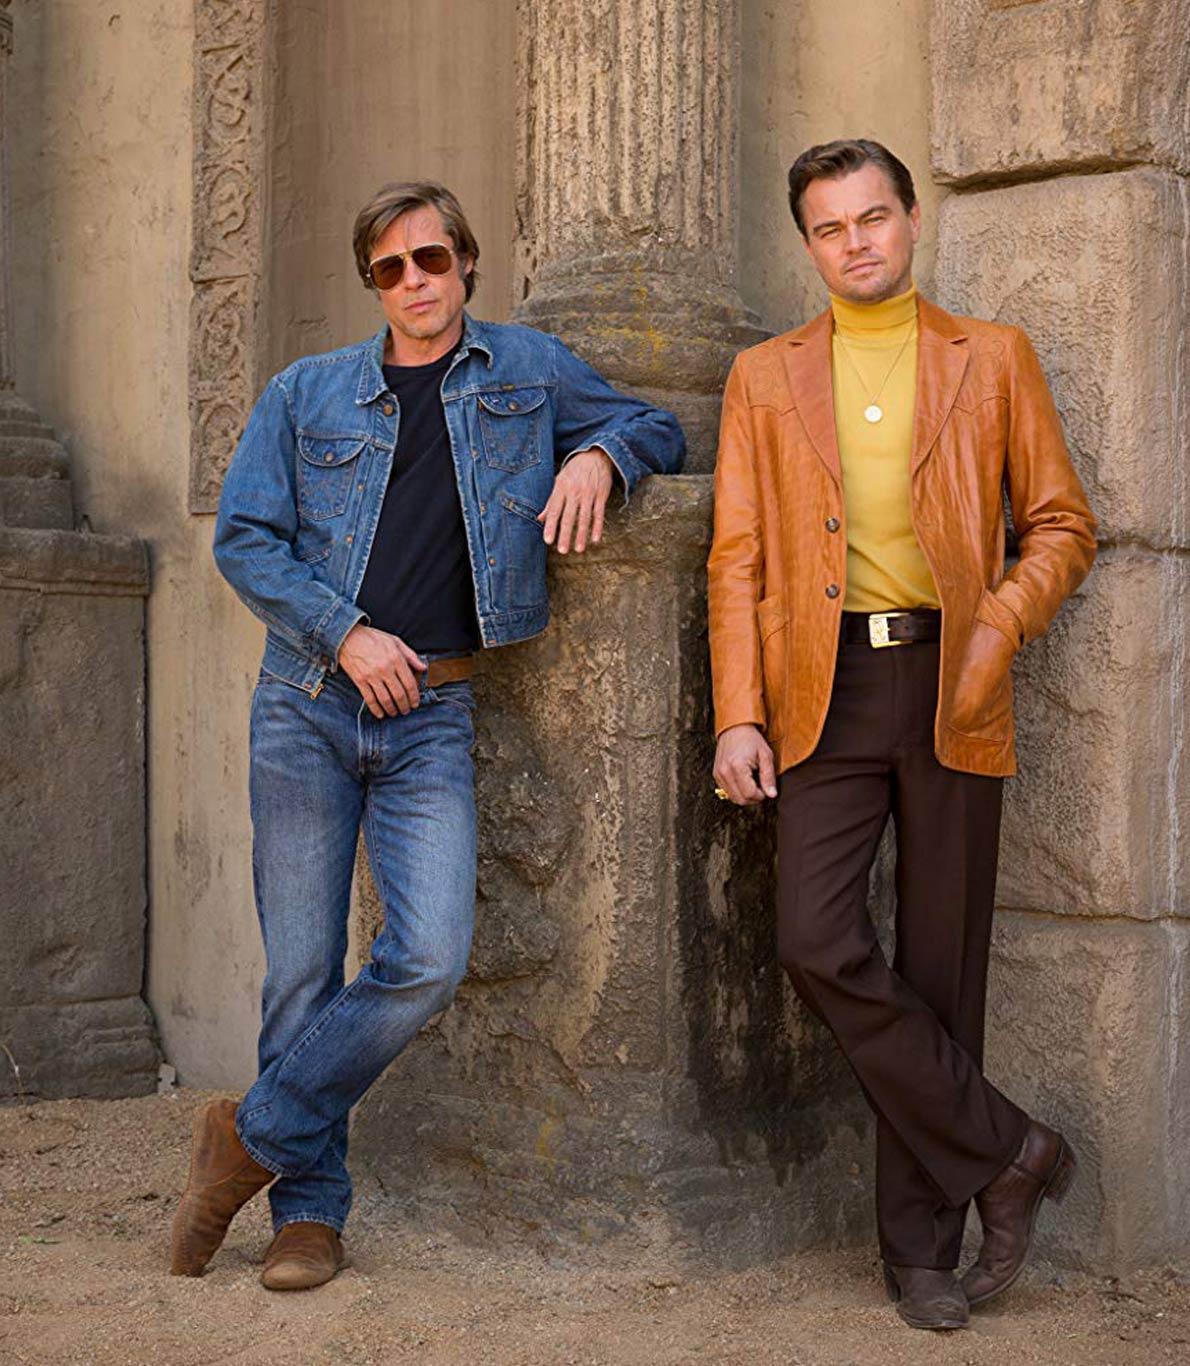 Brad Pitt e Leonardo DiCaprio no set do novo filme de Quentin Tarantino. Os dois atores estão a utilizar roupas caraterísticas dos finais dos anos 60, época em que decorre o filme.